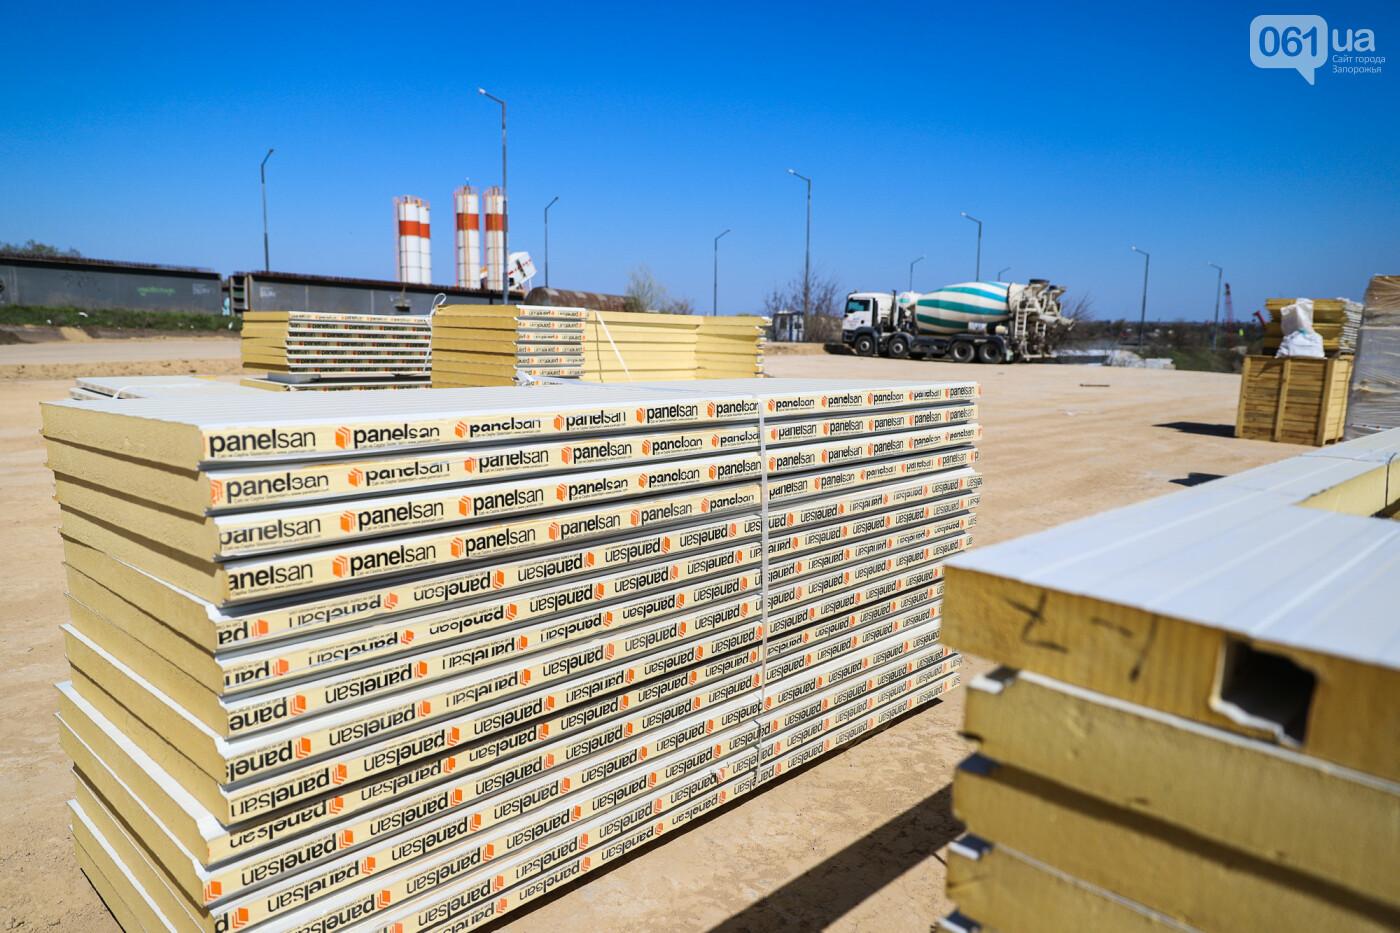 На запорожские мосты выделено 2,7 миллиарда: что сейчас проиходит стройплощадке, - ФОТОРЕПОРТАЖ, фото-6